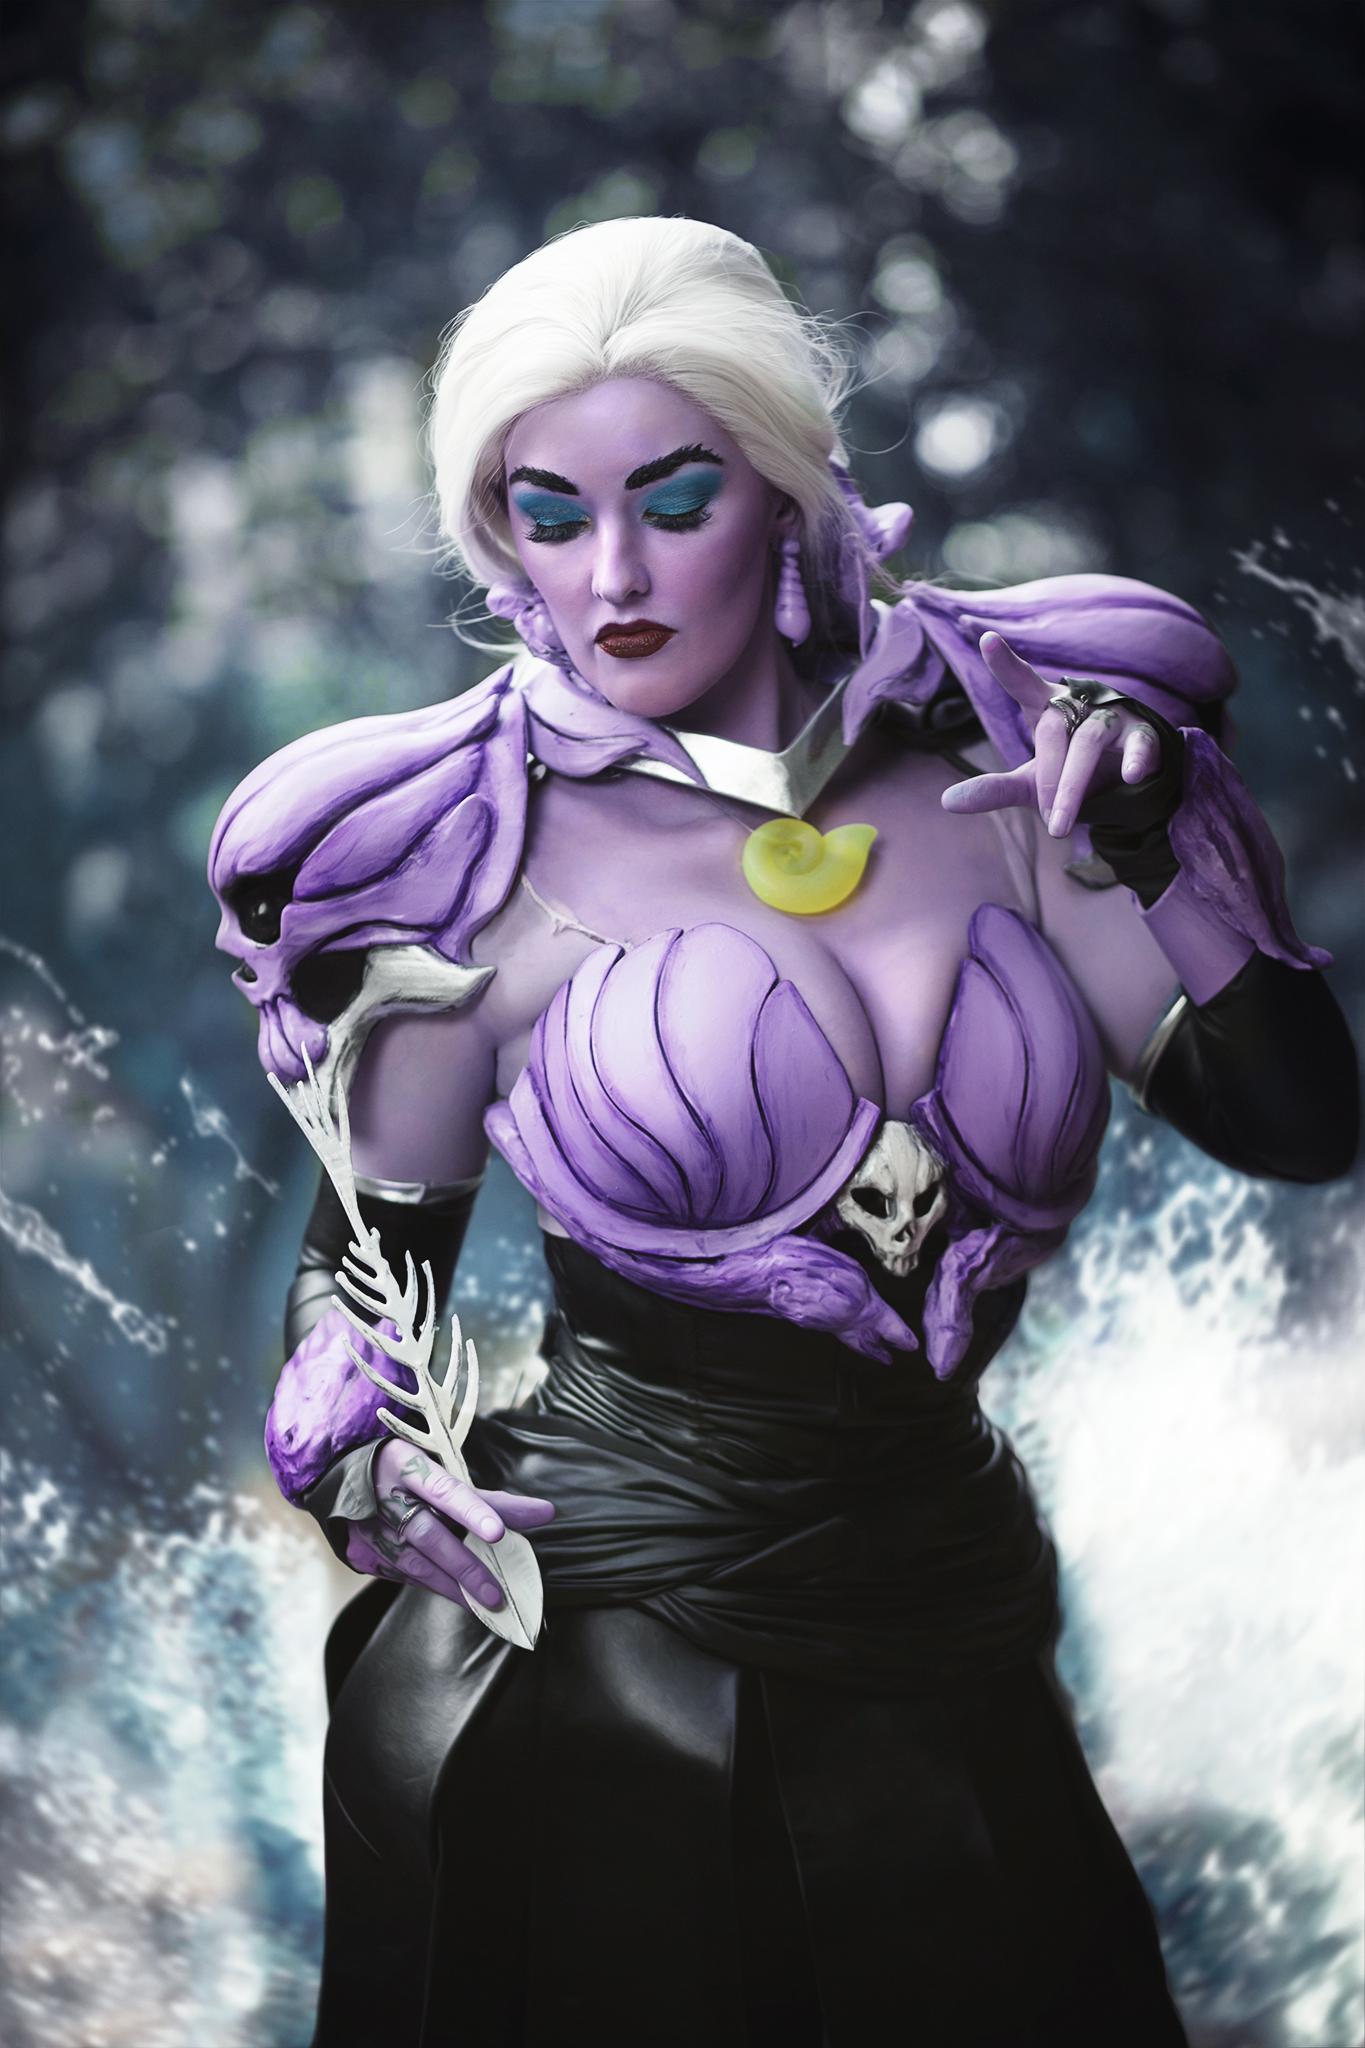 Armored Disney Villain Ursula Cosplay DragonCon #amiedd #3dPrinting